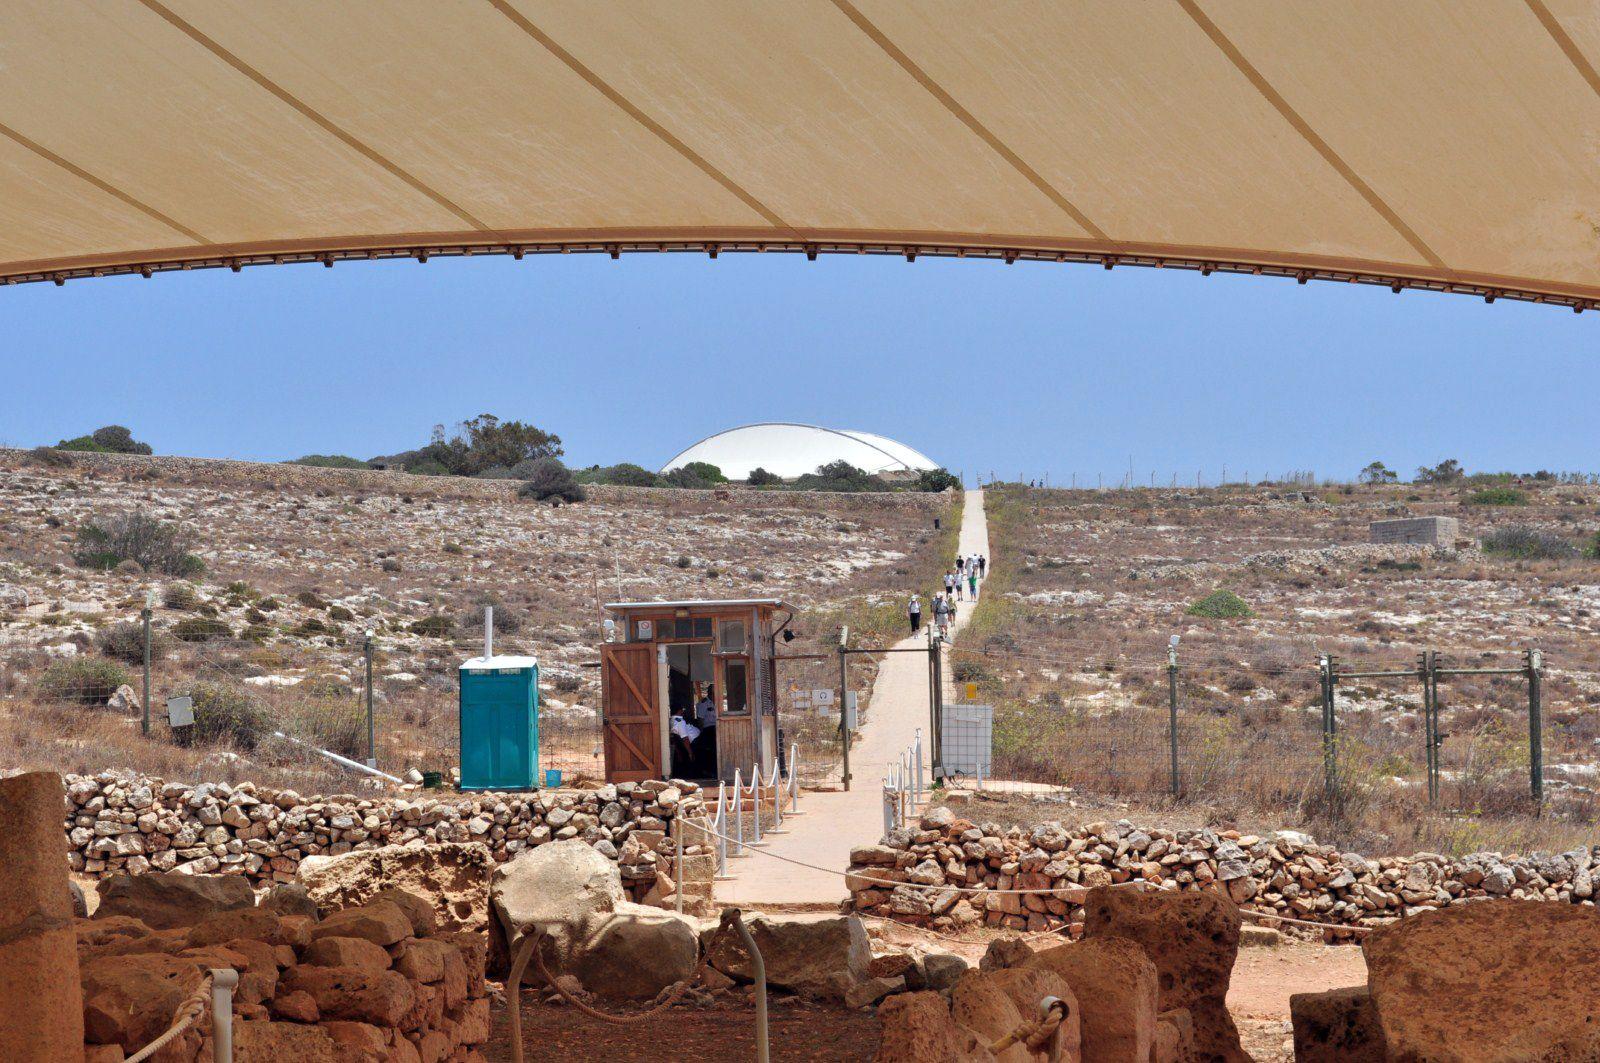 https://flic.kr/p/fj5mtP   Hagar Qim & Mnajdra Hagar Qim Neolithic Temple y Mnajdra Neolithic Temples (Malta)   Hagar Qim (en maltés Ħaġar Qim) es un templo megalítico de Malta que data del período Ġgantija (entre 3600 y 3200 a. C.).1 Se encuentra en la cima de una colina en el sur de la isla de Malta y a 2 km al suroeste del poblado de Qrendi. A 500 m se encuentra el sitio de Mnajdra. La zona aledaña ha sido declarada Parque Patrimonial. En 1992, la Unesco declaró Hagar Qim Patrimonio de…